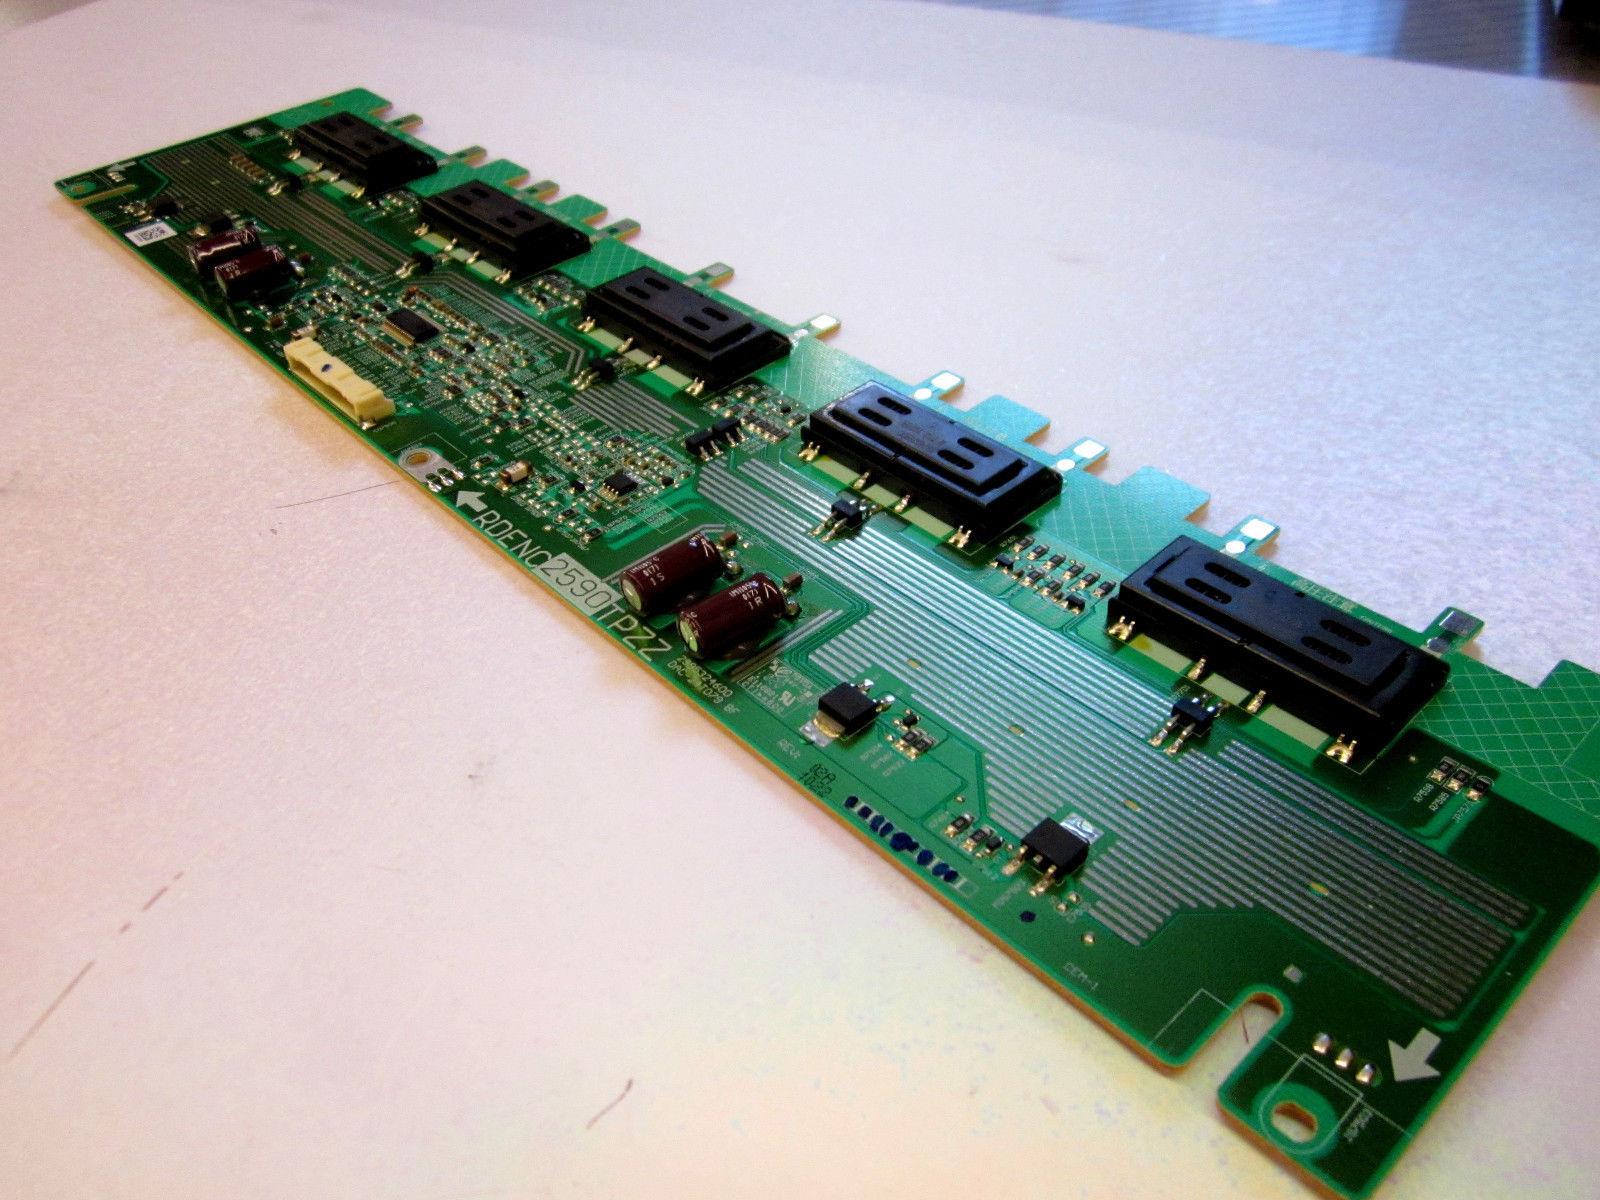 Sharp RDENC2590TPZZ Backlight Inverter Board for Alba, LG, Proscan, RCA, Sharp - $22.00